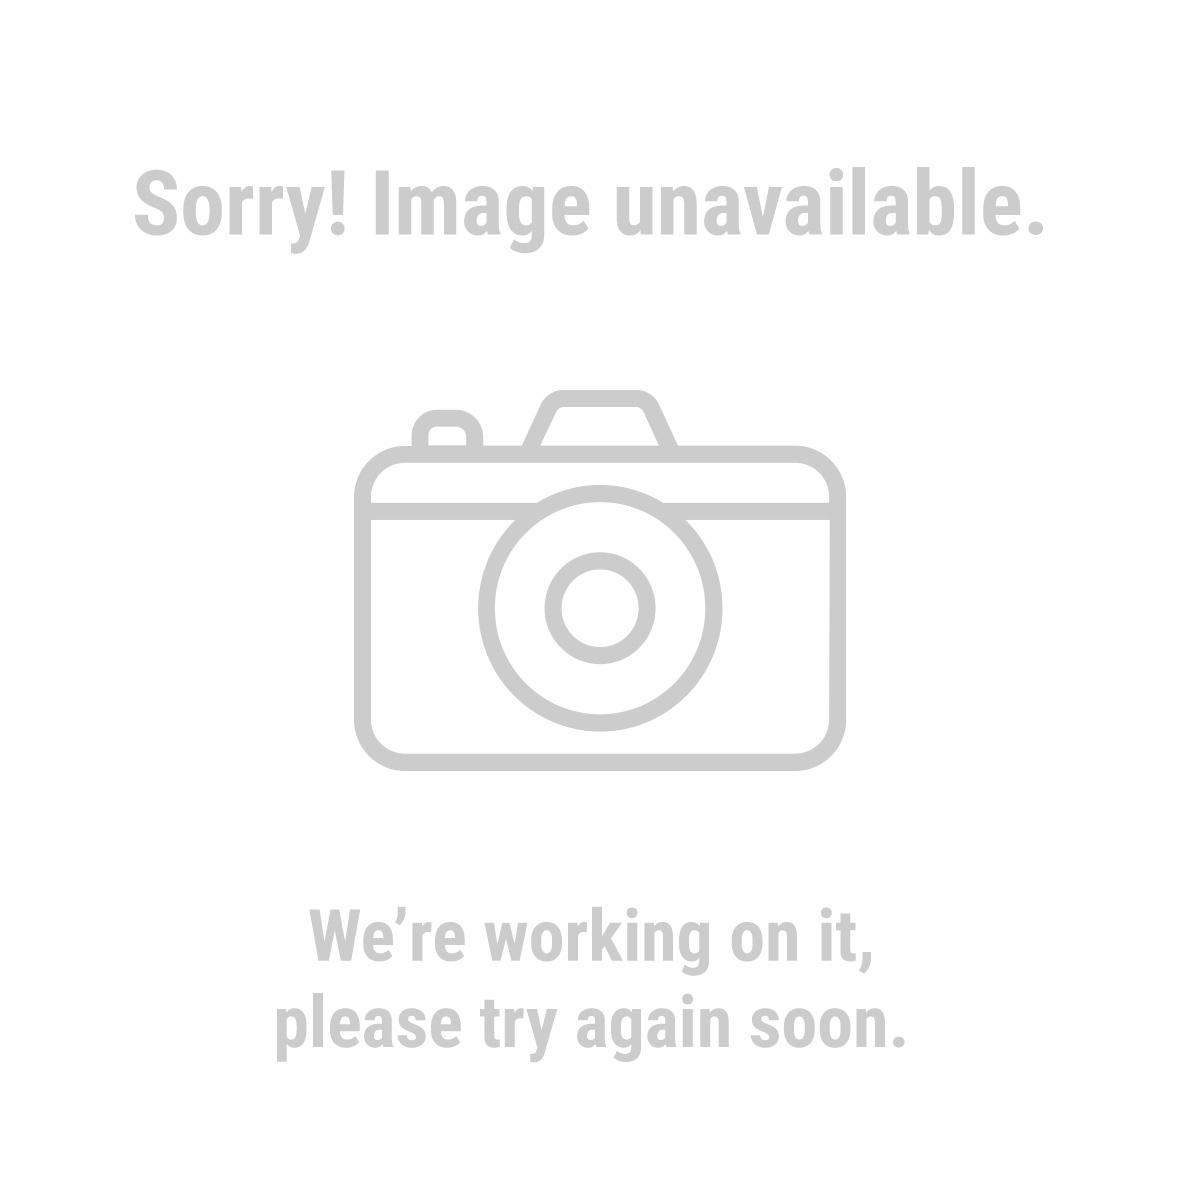 Predator Generators 61725 13500 Peak/11000 Running Watts, 22 HP  (670cc) Gas Generator EPA III